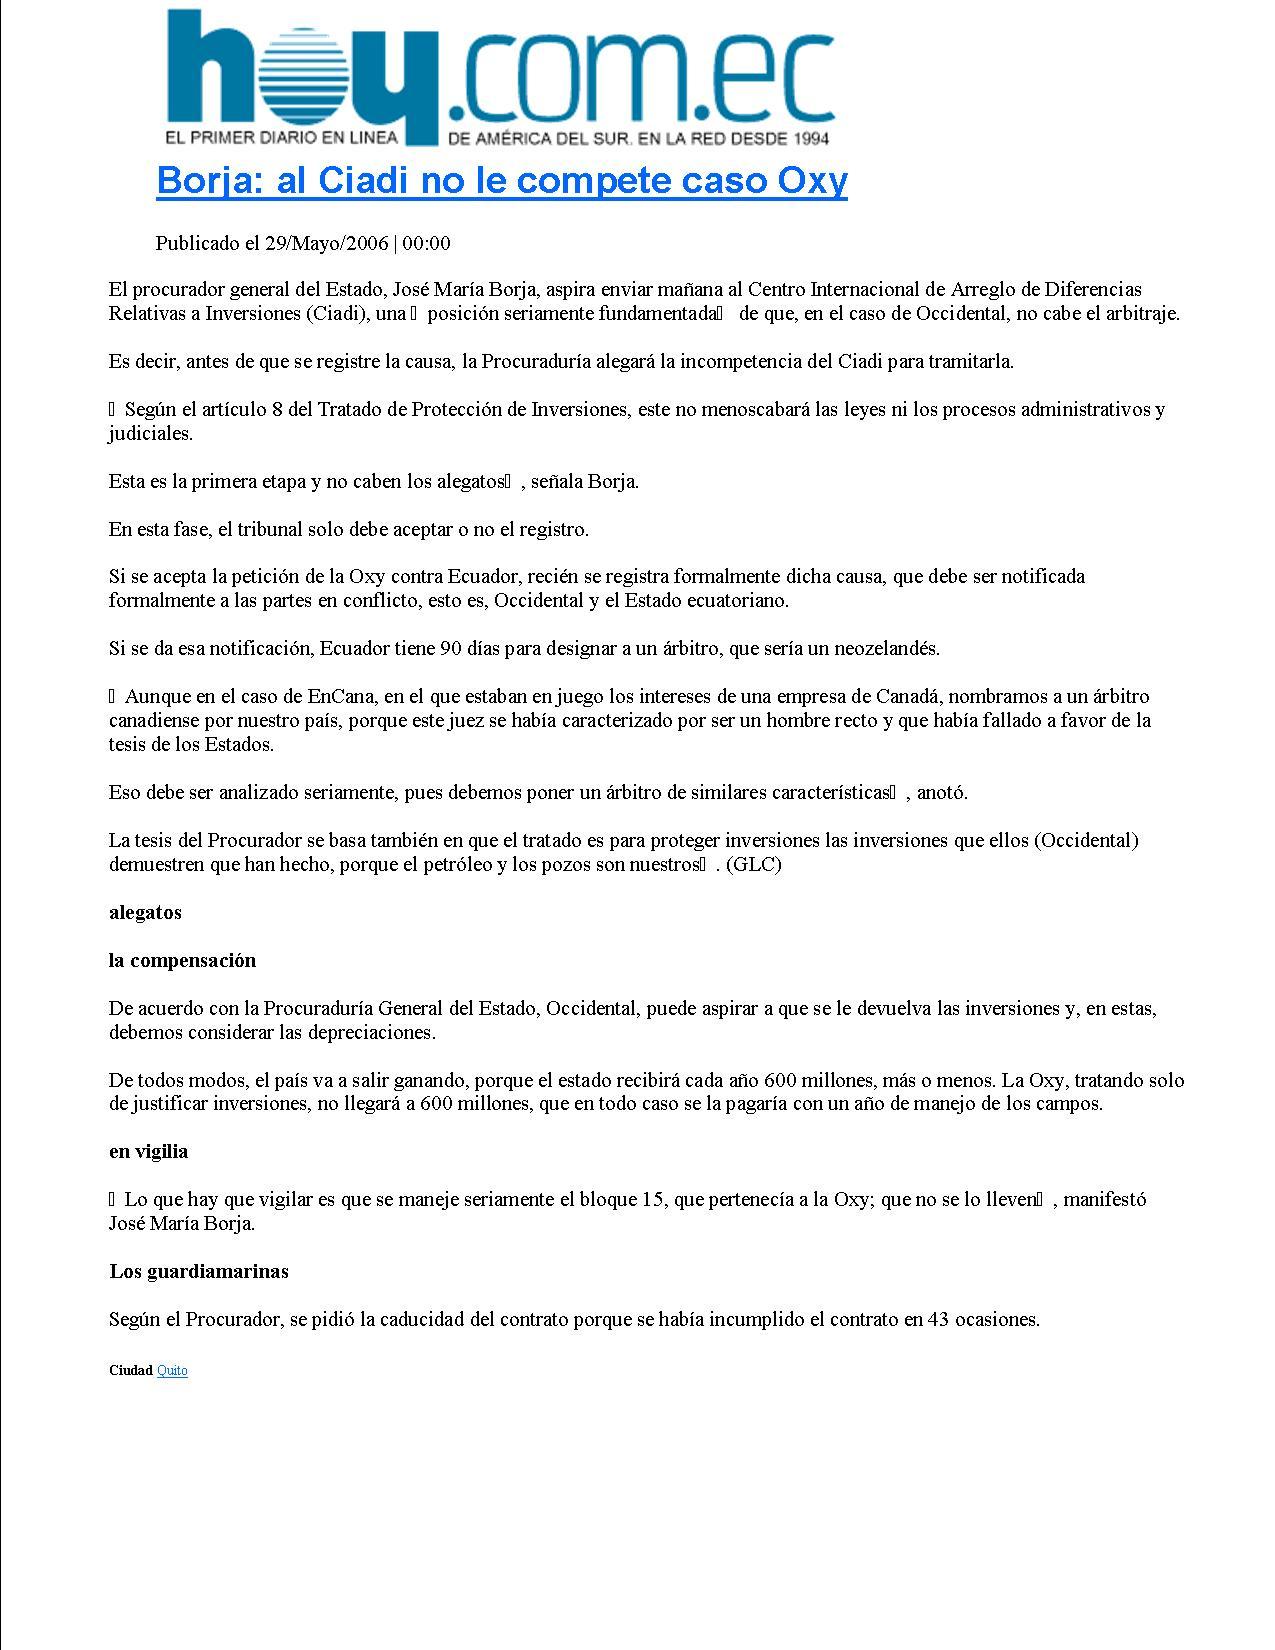 1-HOY 29-05-2006 borja-al-ciadi-no-le-compete-caso-oxy-